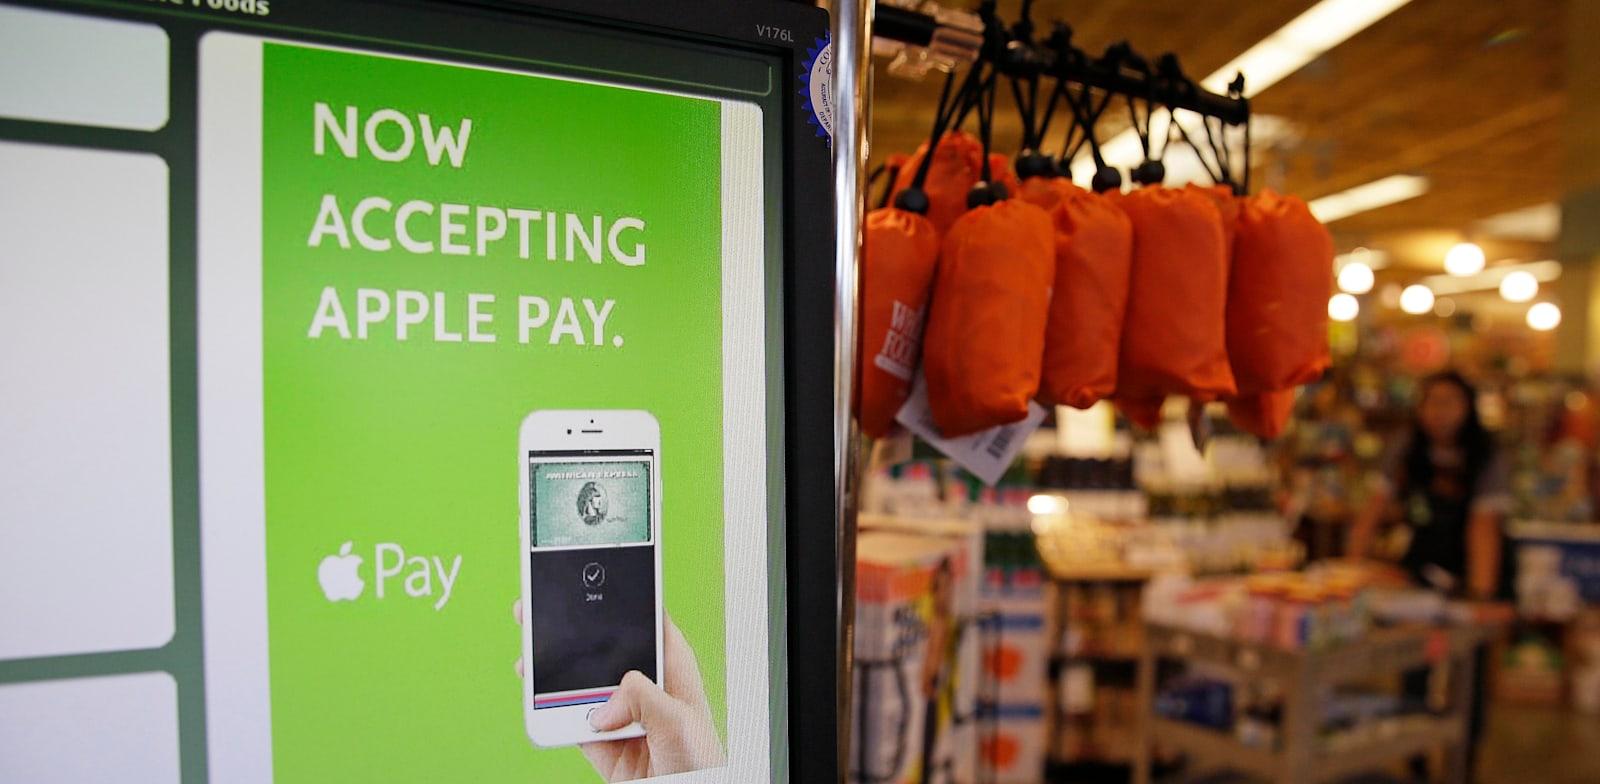 """שלט """"פה מקבלים אפל פיי"""" בכניסה לסופרמרקט בקליפורניה / צילום: Associated Press, Eric Risberg"""